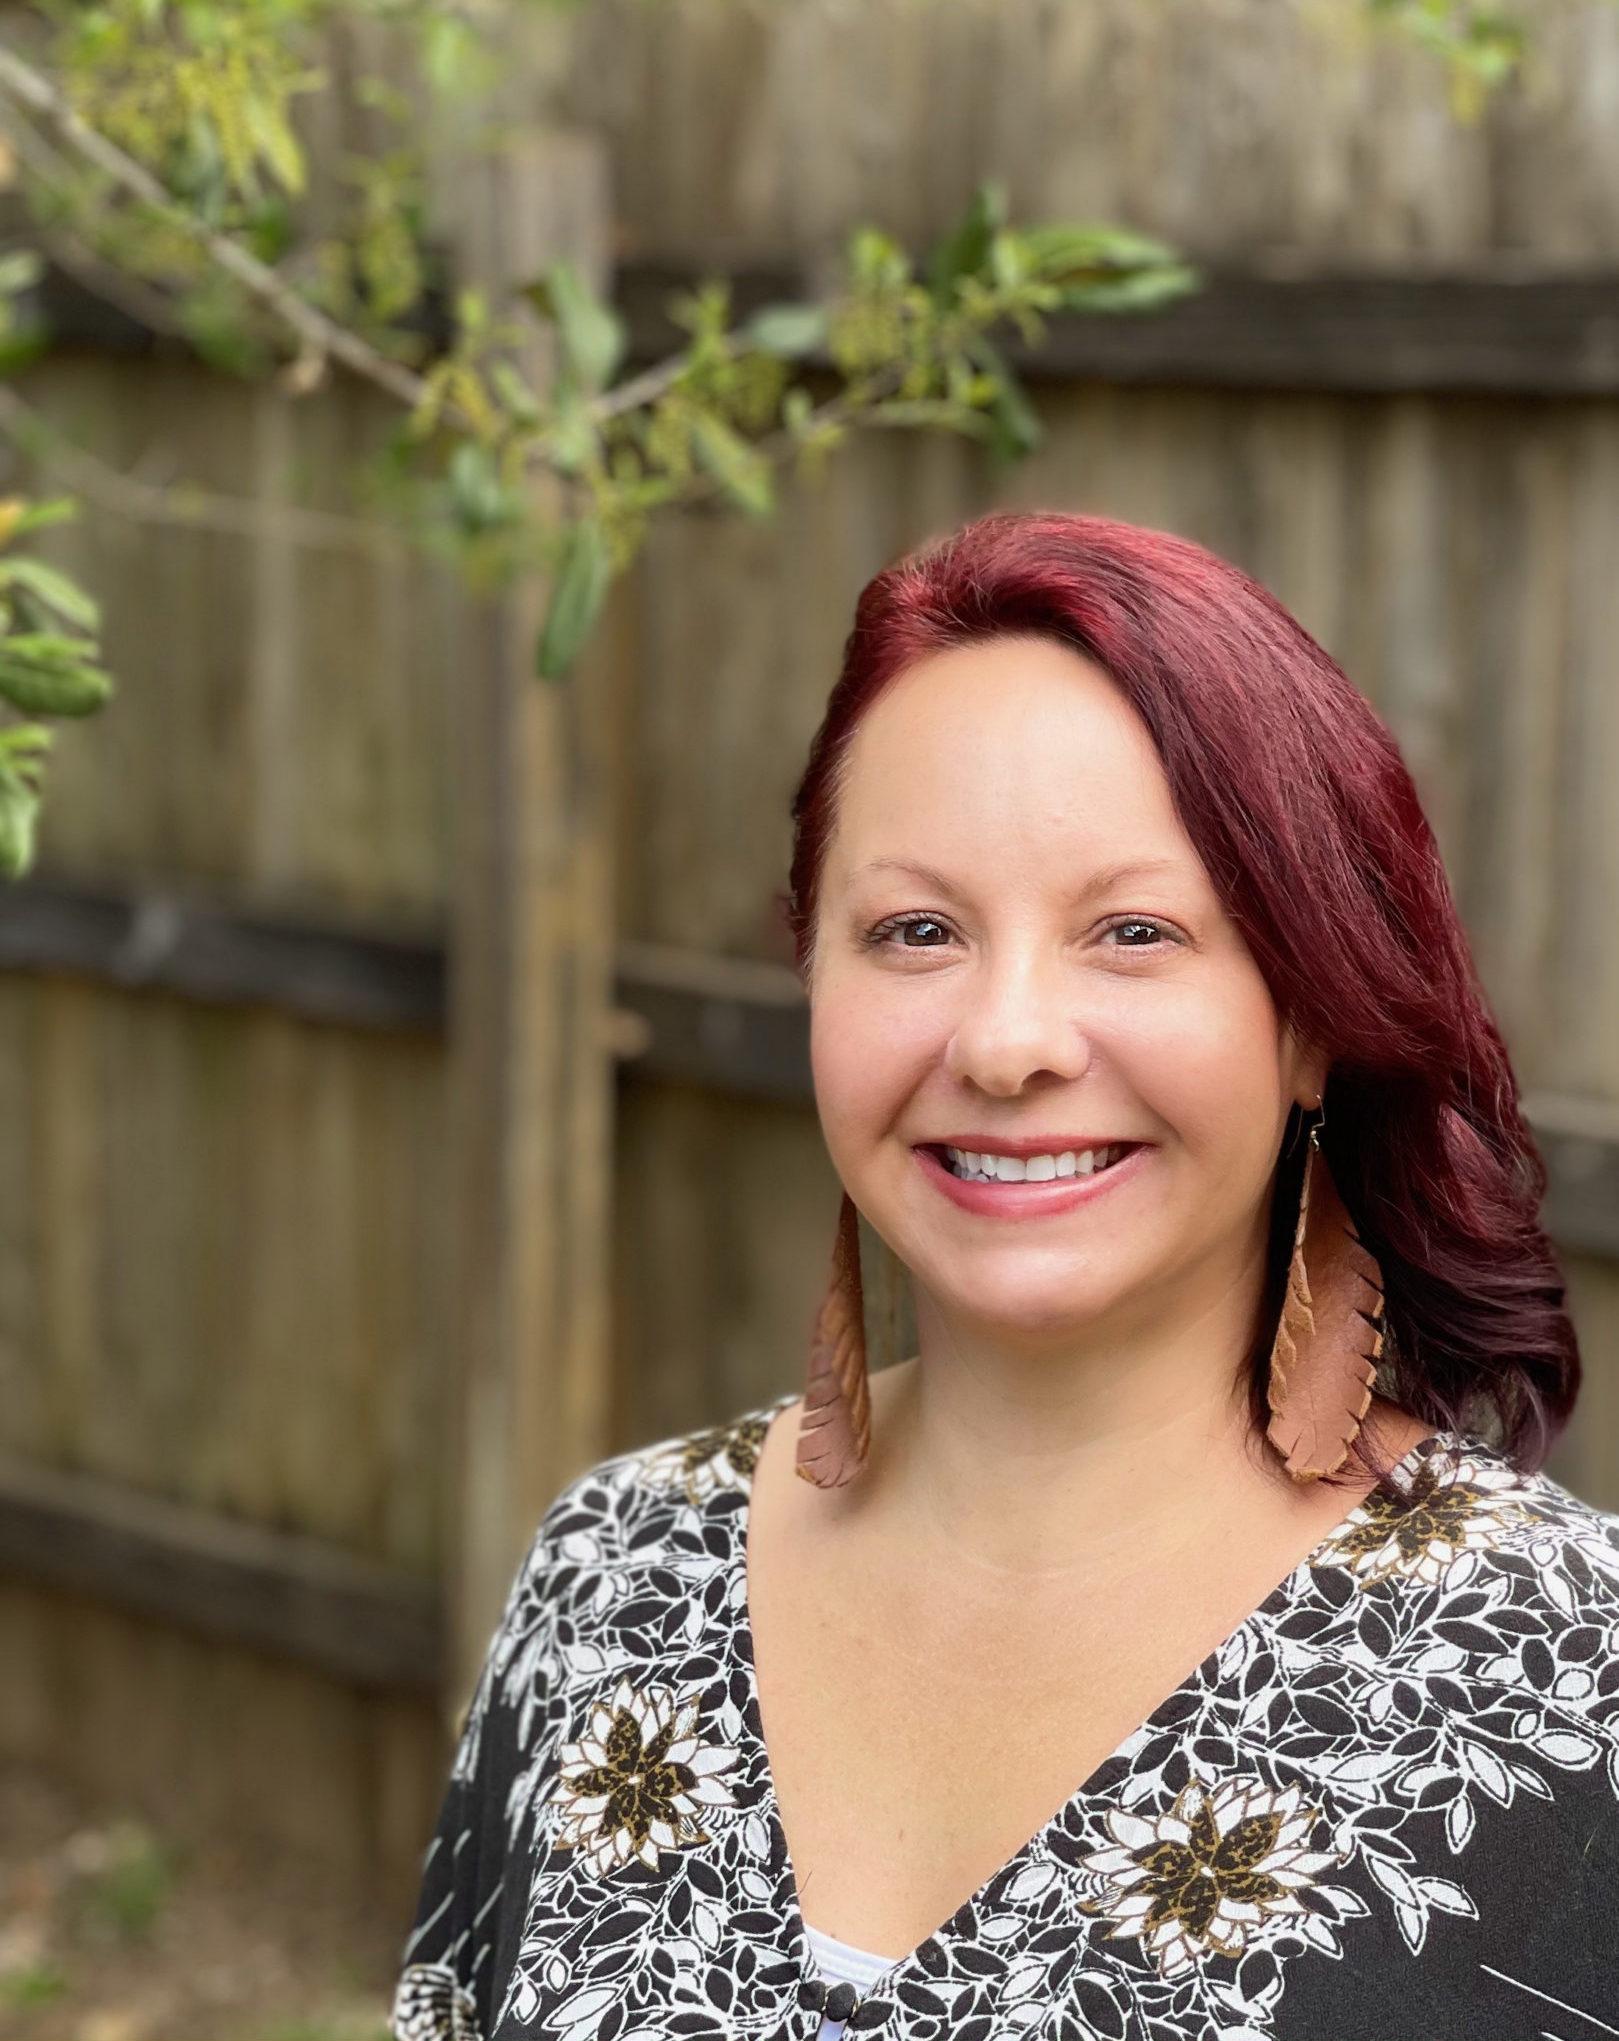 Melissa Munoz Chief Administrative Executive at Sandbox ABA